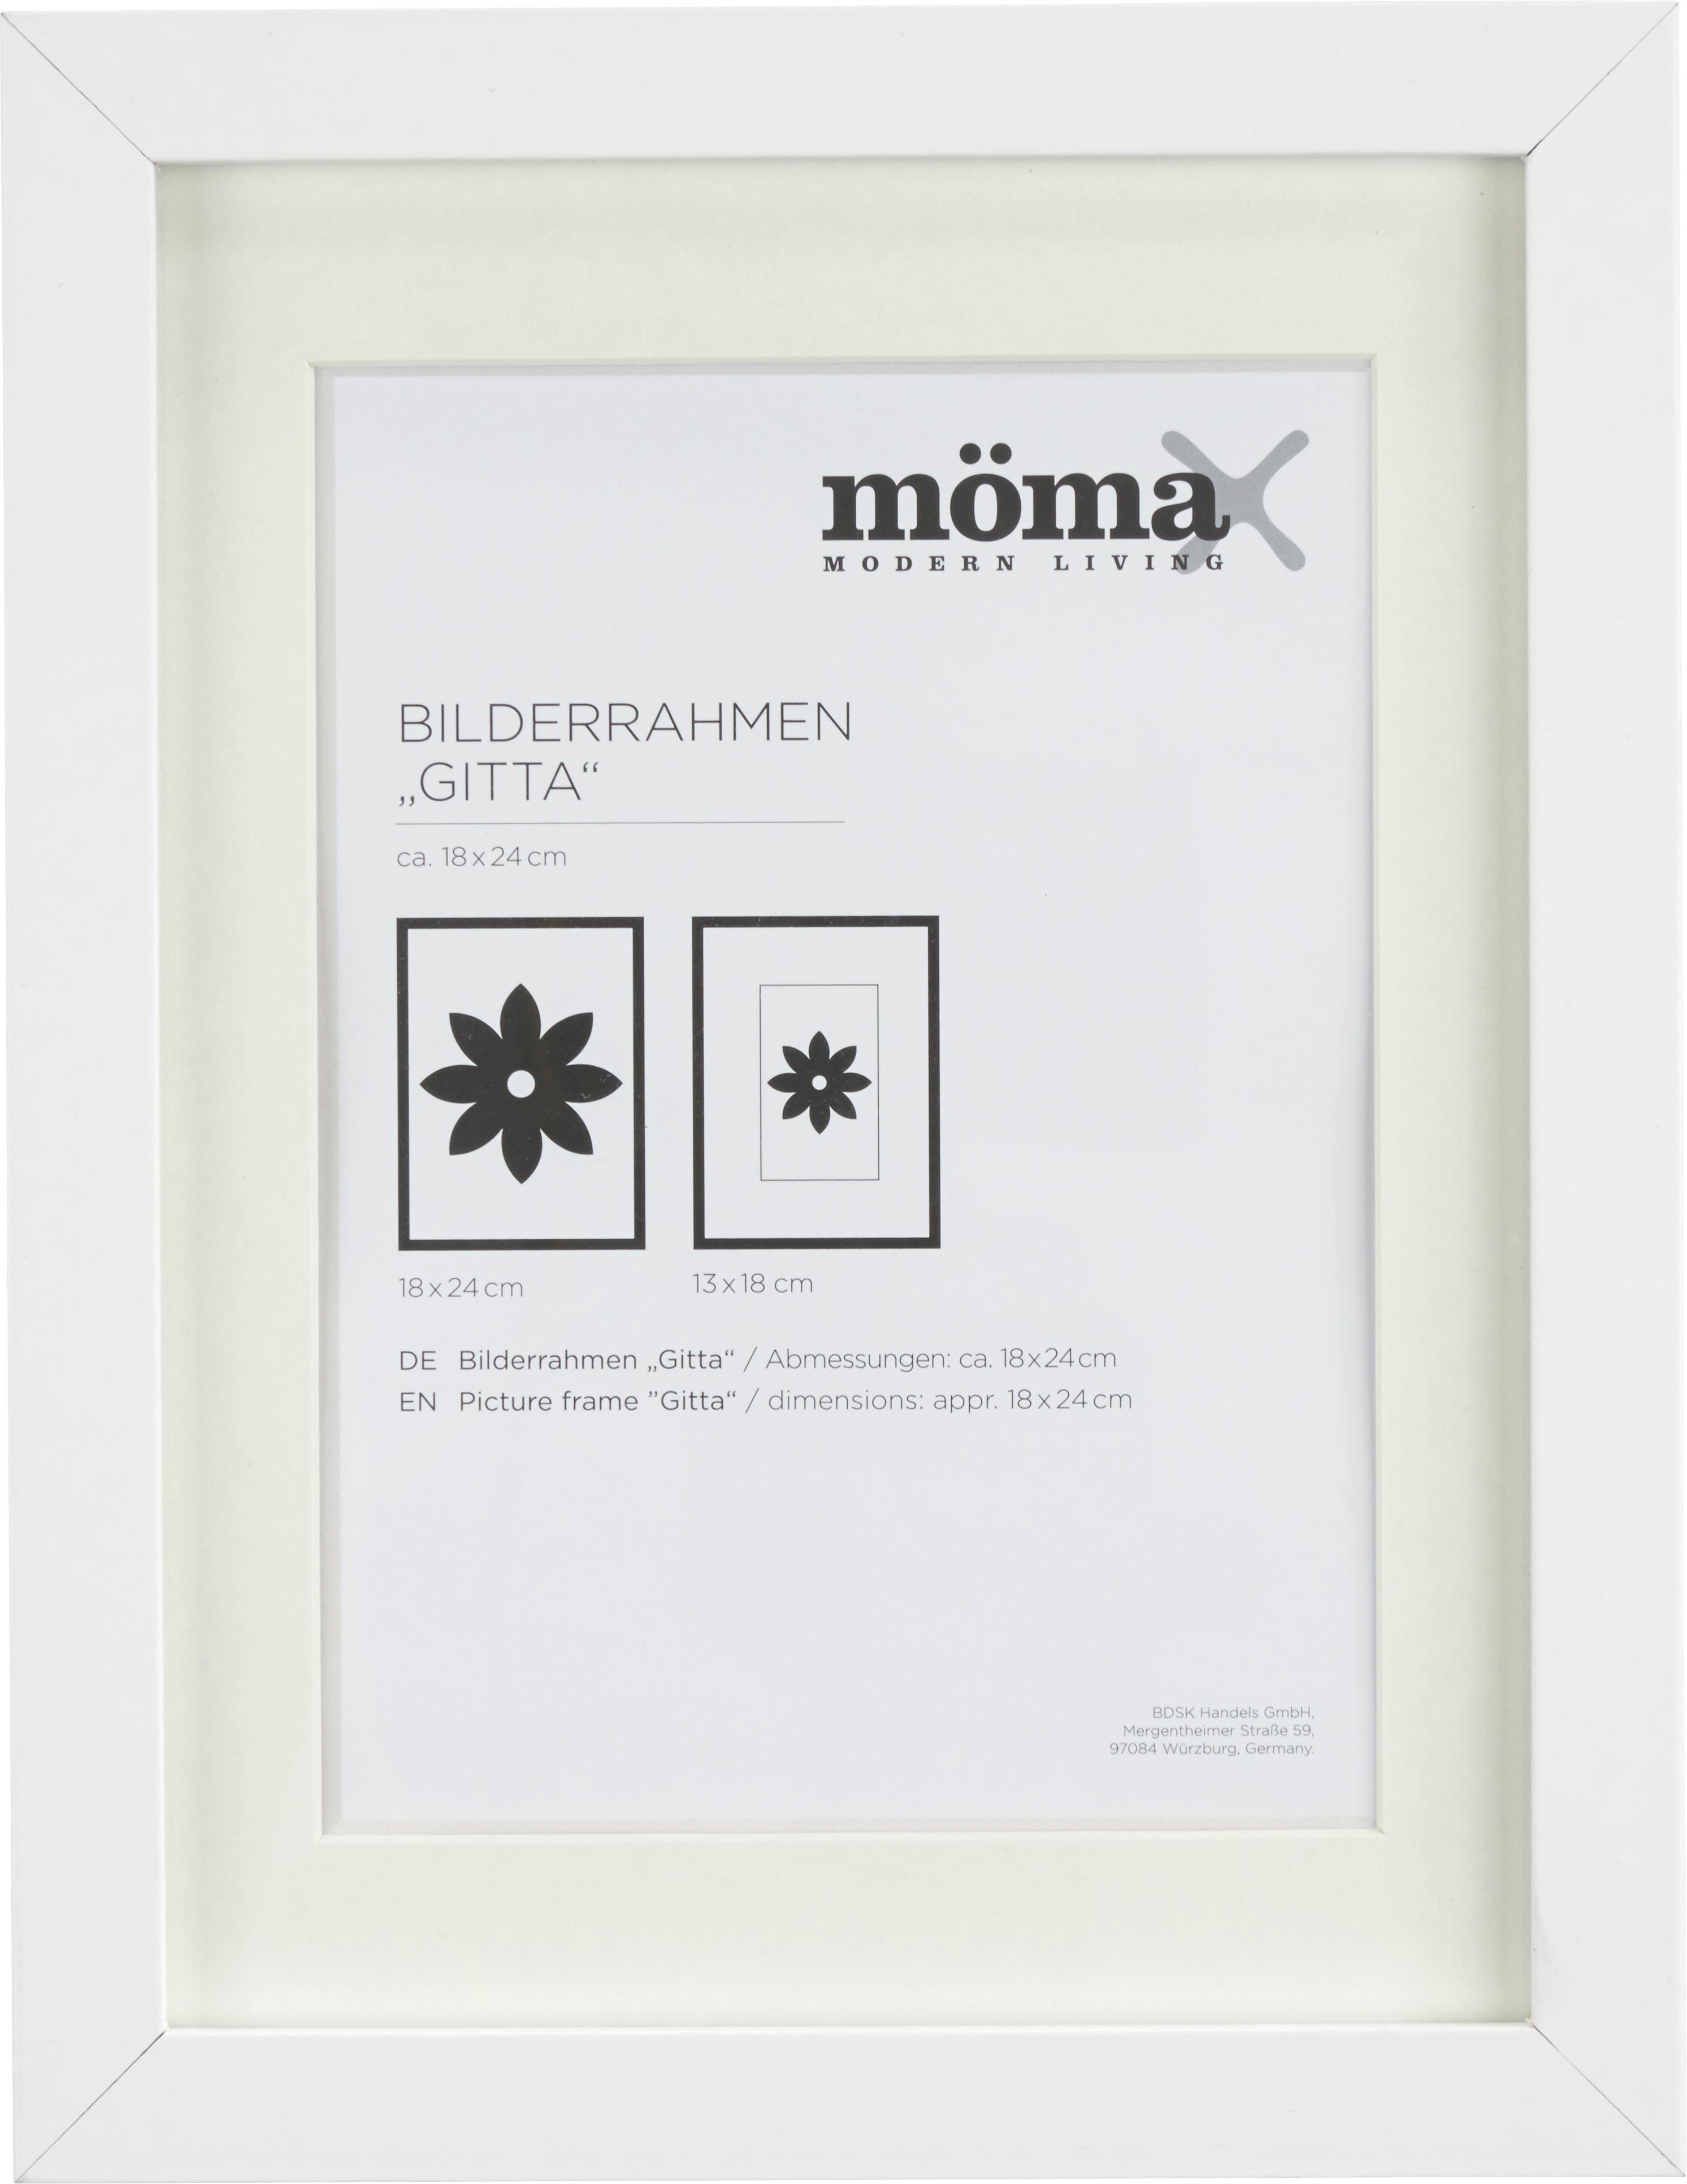 Bilderrahmen Gitta, ca. 18x24cm in Weiß online kaufen ➤ mömax